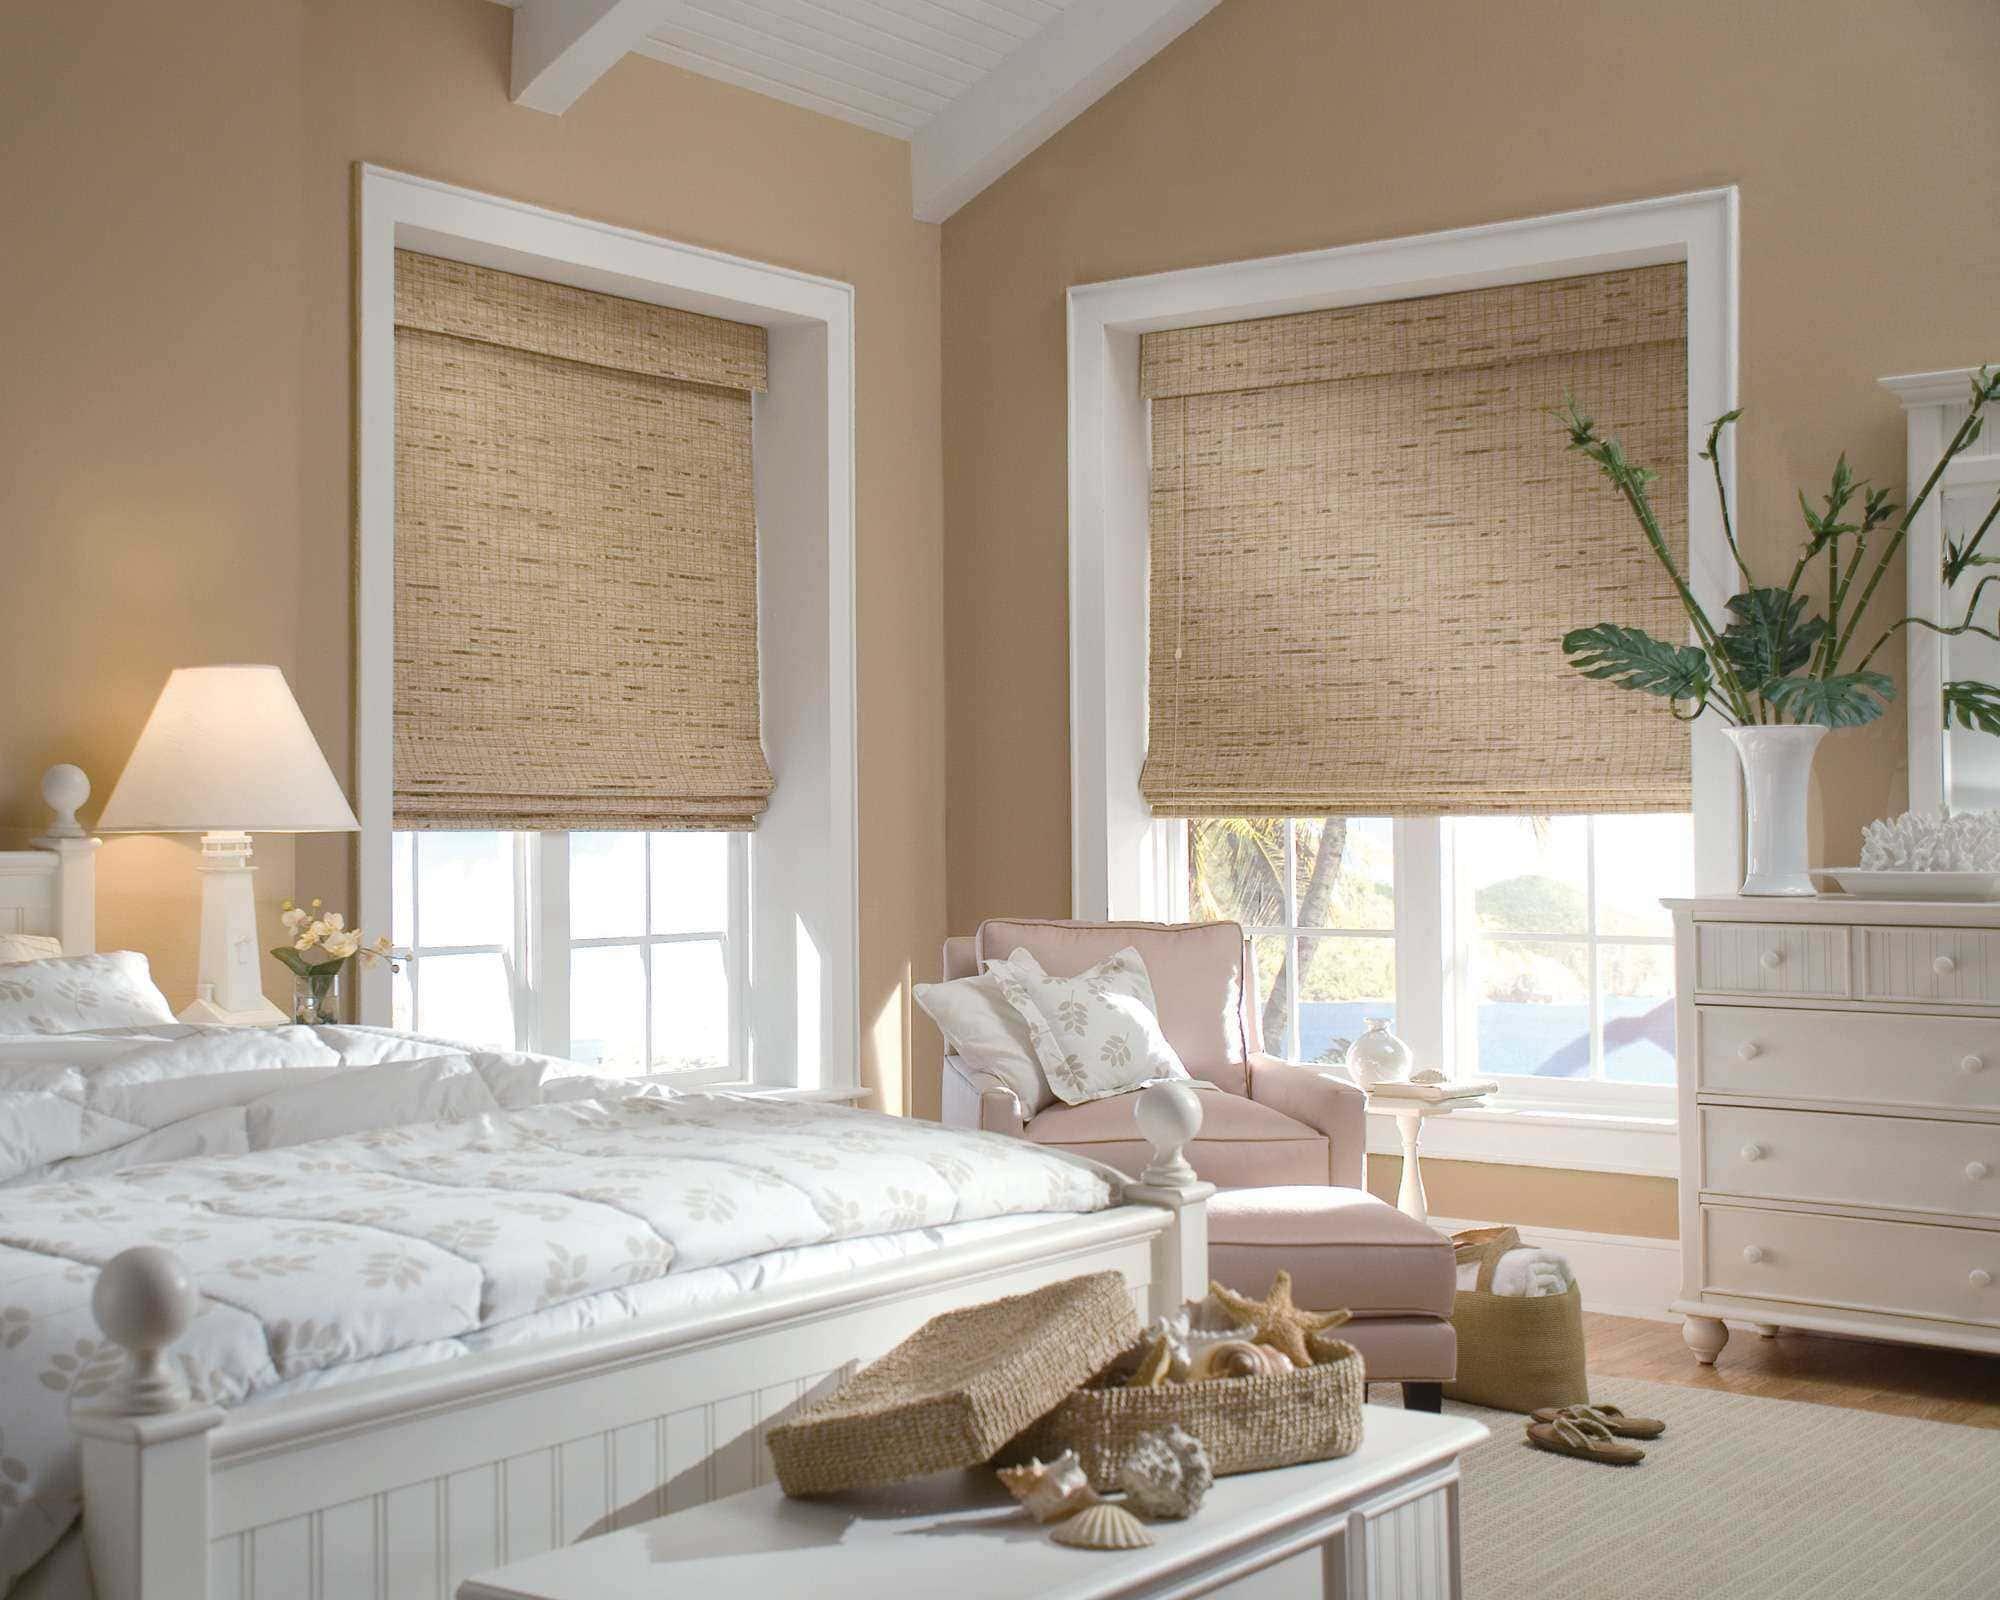 Рулонные шторы - плюсы и минусы установки, выбор материалов 106